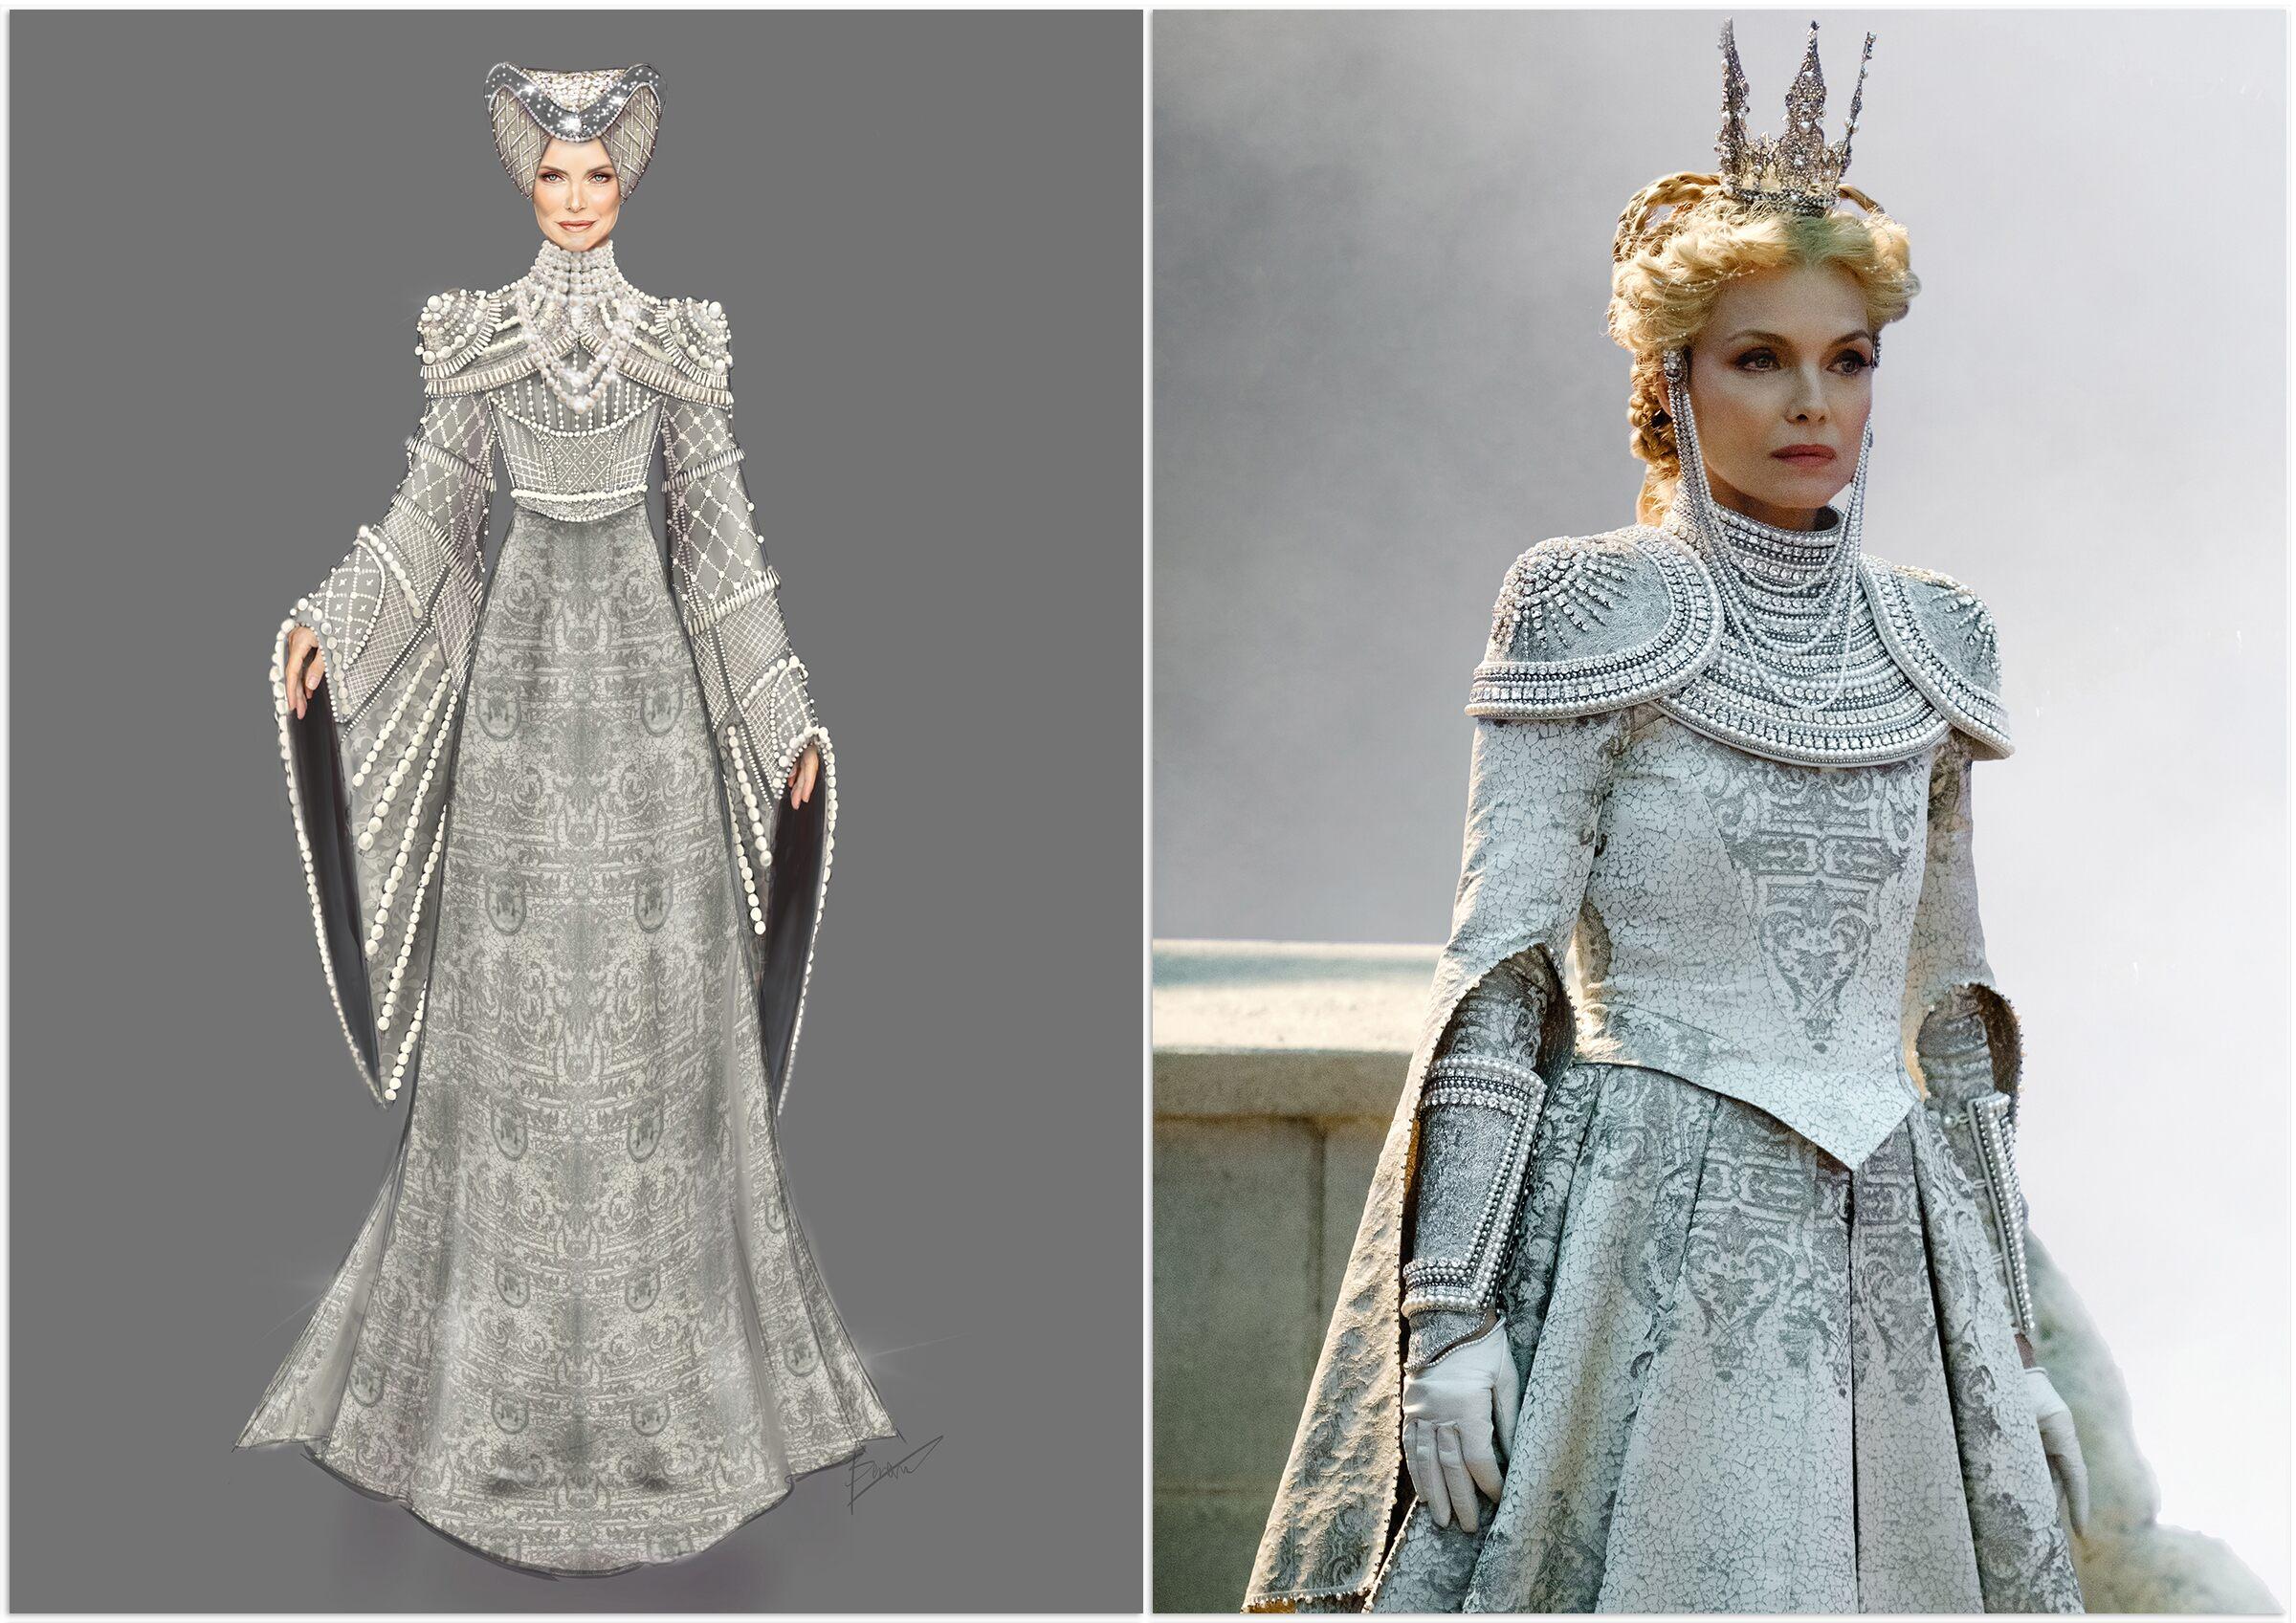 Hoàng hậu Ingrith trong trận chiến trong Tiên hắc ám 2